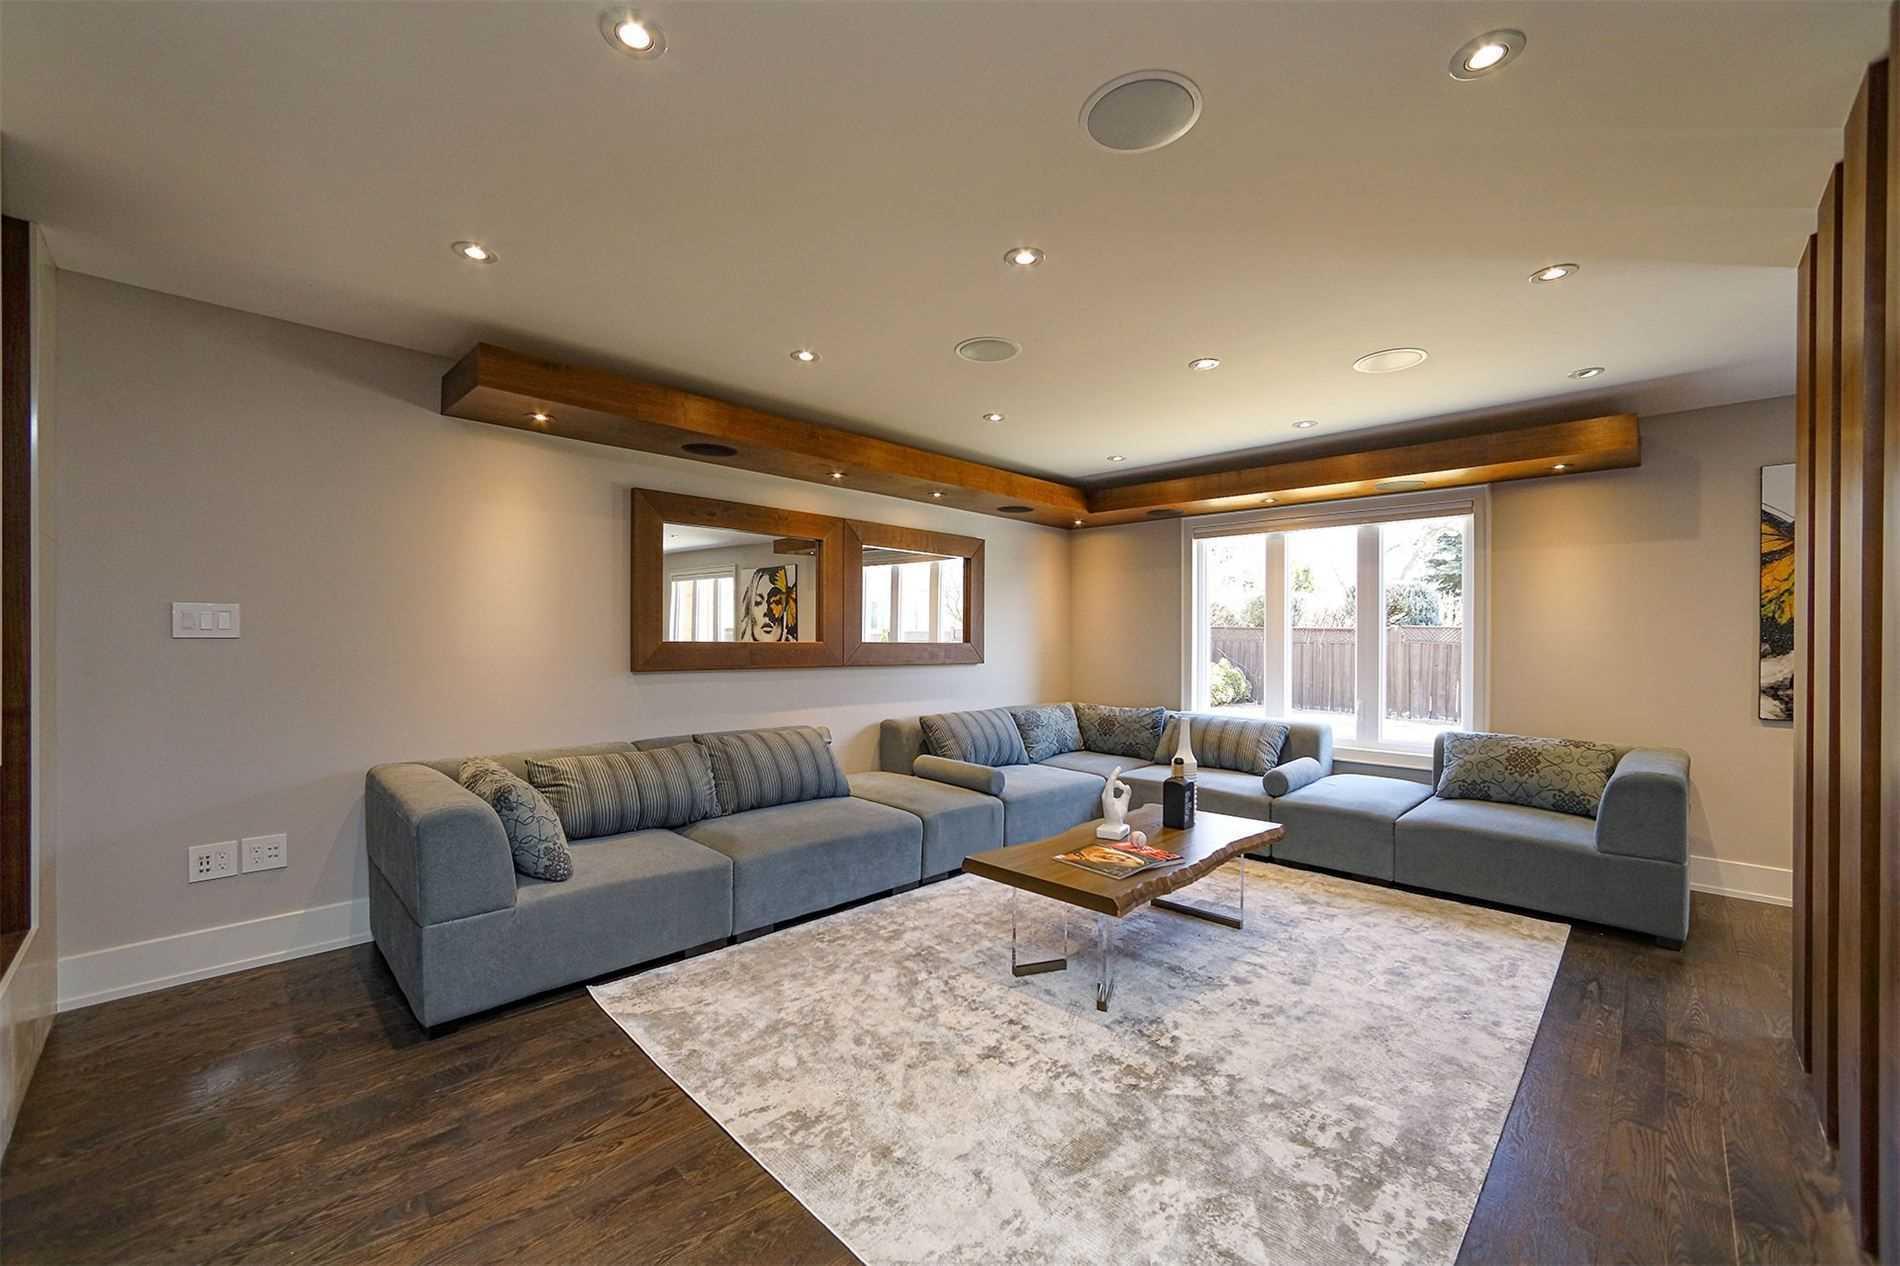 11 Boddy Crt, Vaughan, Ontario L4L8J7, 4 Bedrooms Bedrooms, 14 Rooms Rooms,4 BathroomsBathrooms,Detached,For Sale,Boddy,N5163828